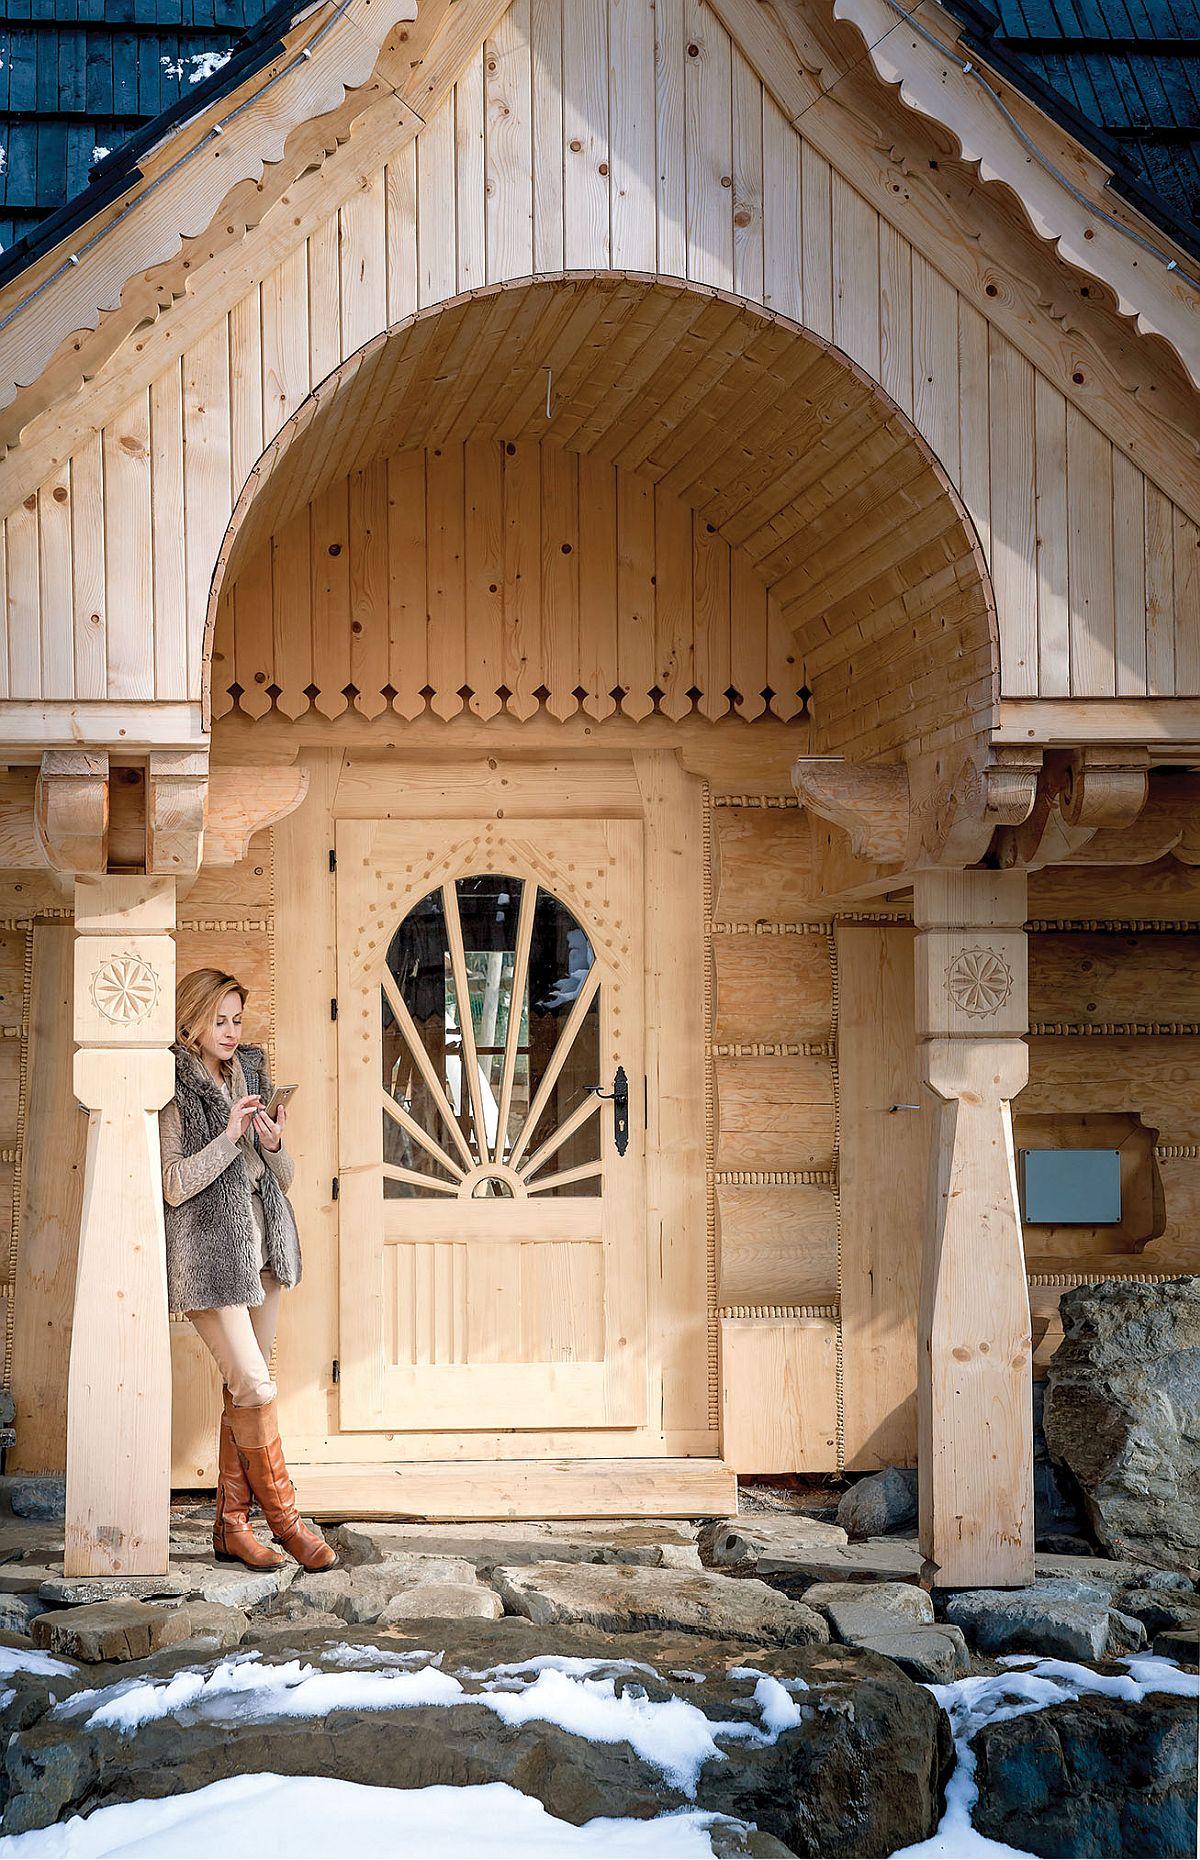 Fiecare cabana din micul sat de vacanță, ridicat din 205 încoace, are o arhitectură tradițională cu elemente realizate manual, respectiv sculptate și decorate de către meșteri tâmplari.